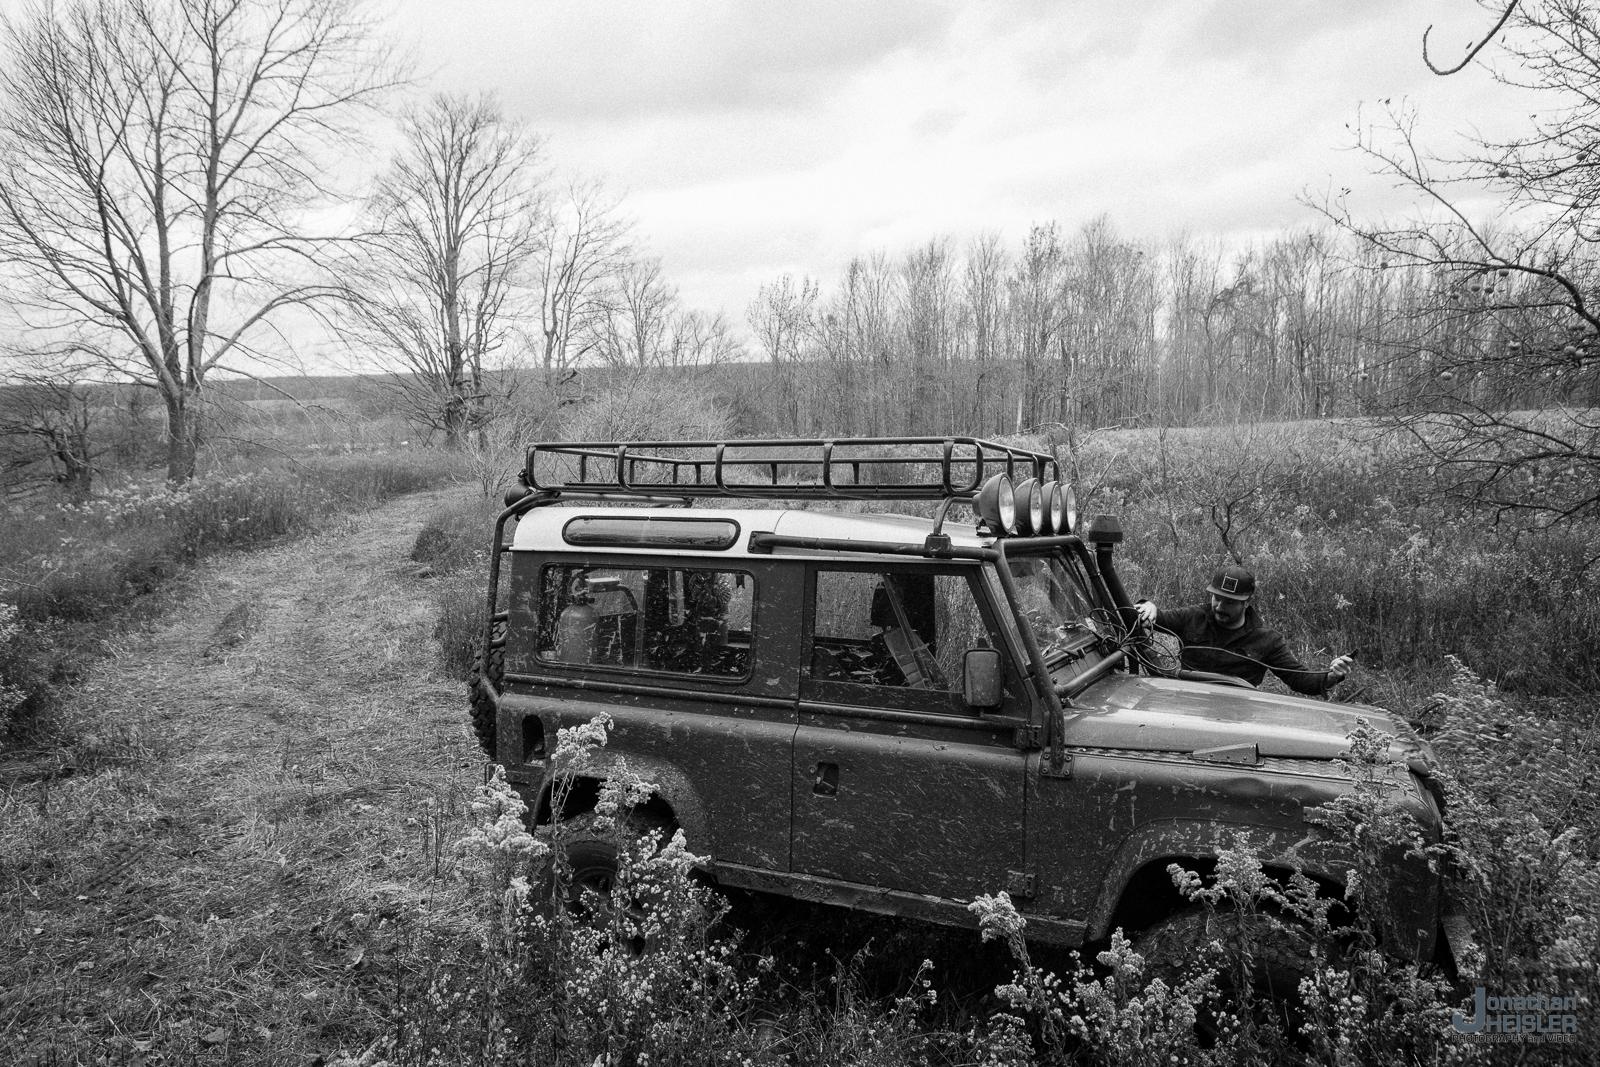 Guy Fawkes Land Rover_ Land Rover Defender __ Jonathan Heisler _ Jonathan Heisler Photography005.jpg